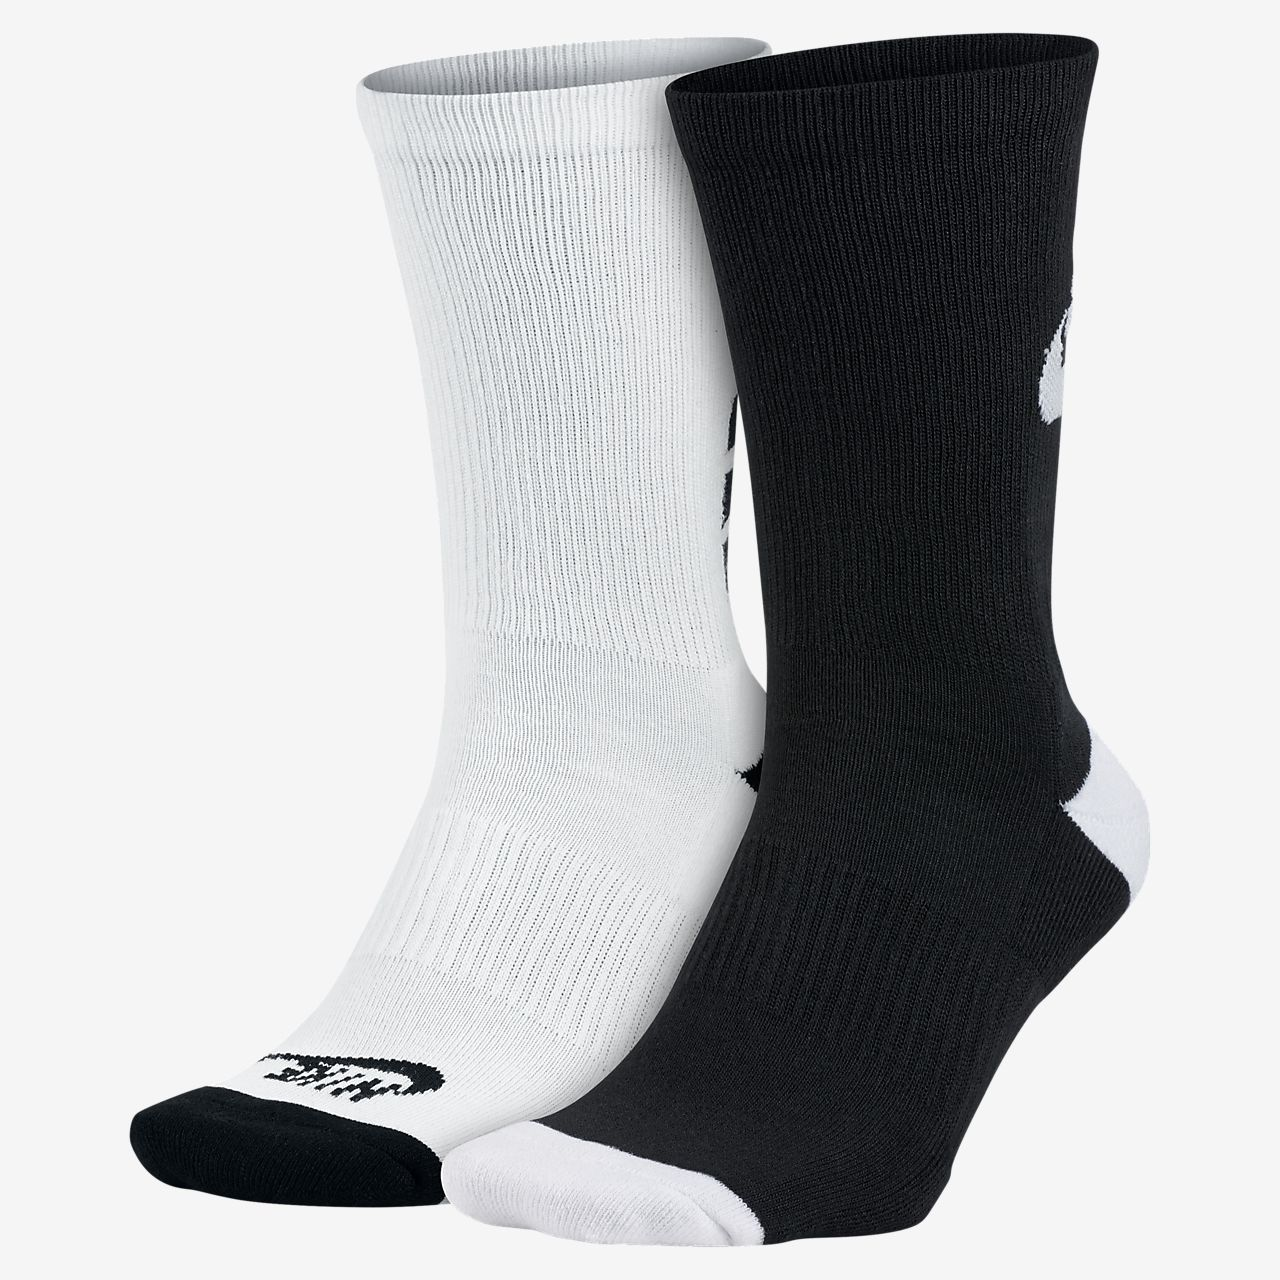 on sale c5e54 8cb84 Nike Sportswear Just Do It Crew